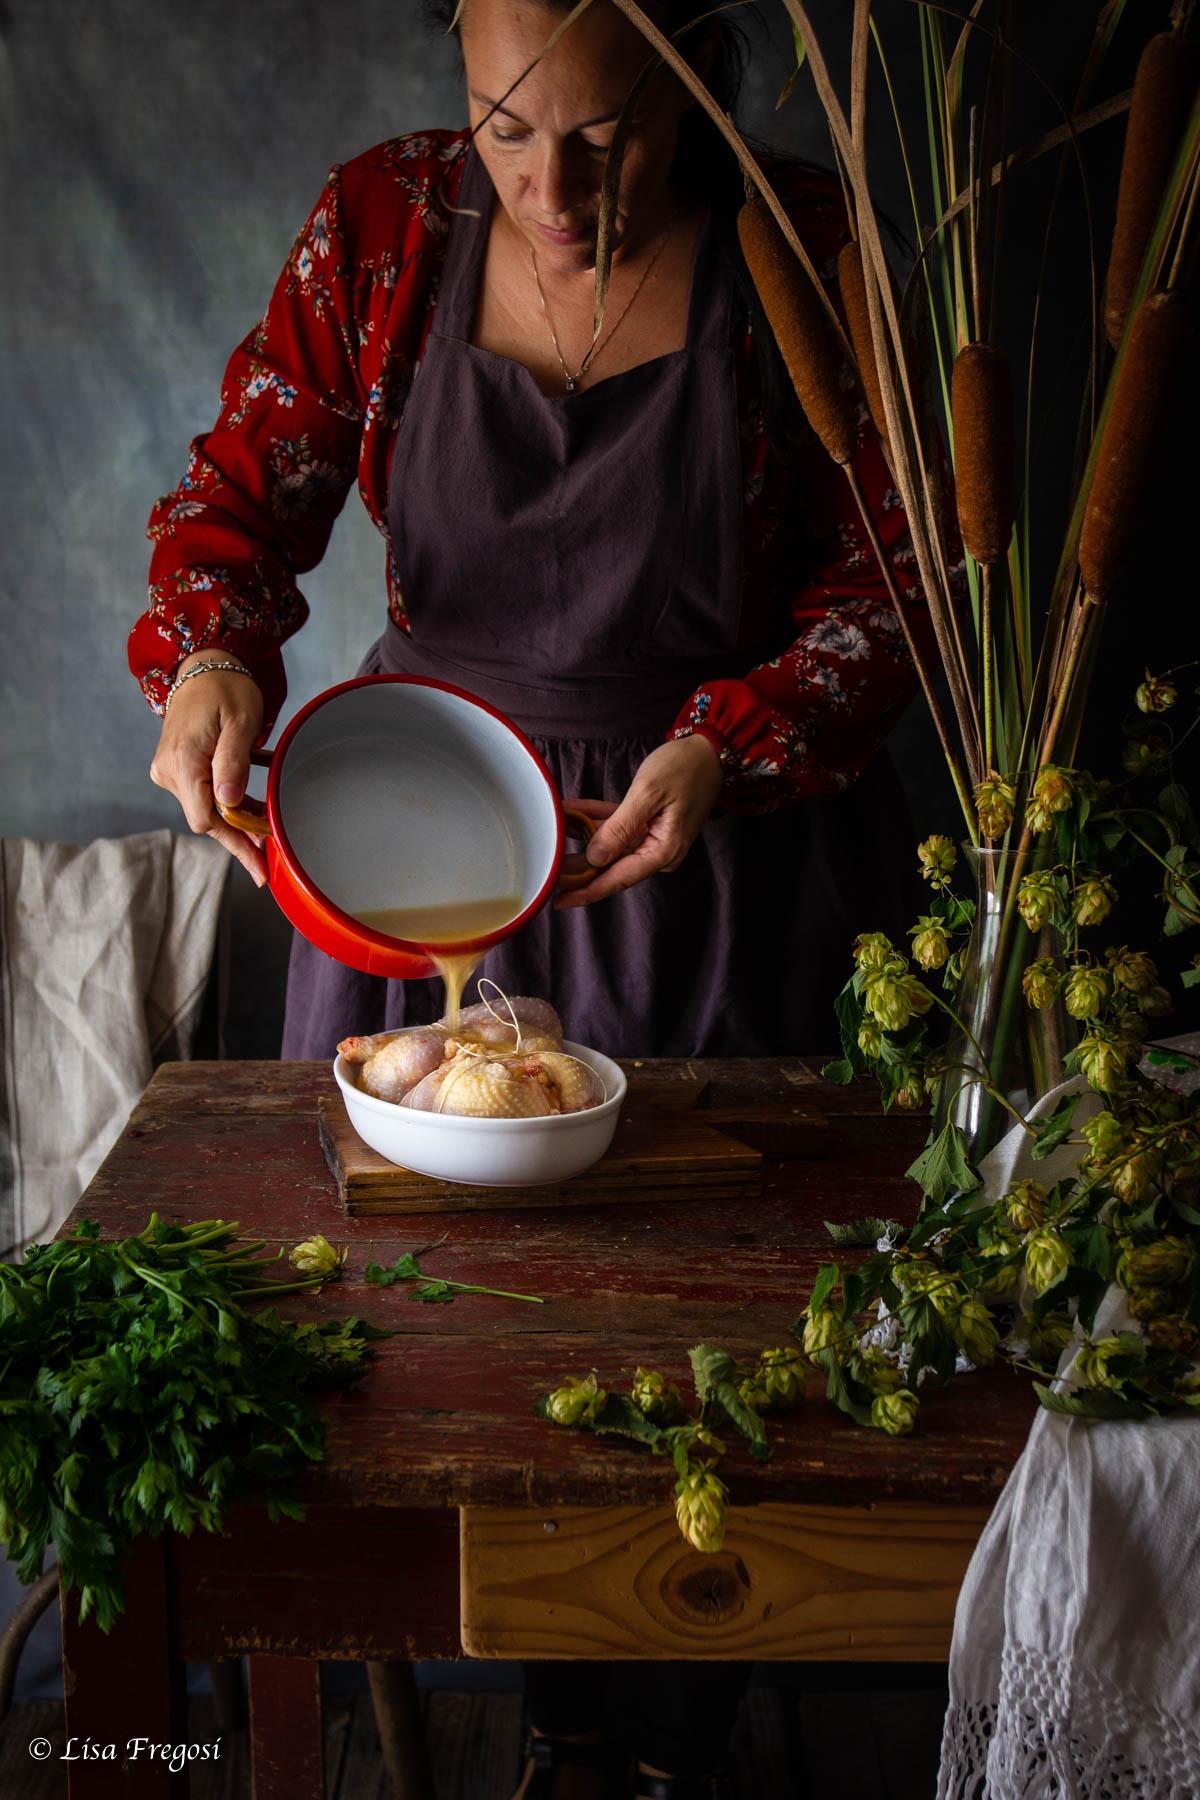 cucinare gallina ripiena arrosto gallina ripiena disossata ricetta gallina disossata ripiena ricetta di gallina ripiena brodo di gallina ripiena gallina ripiena al forno foto gallina ripiena